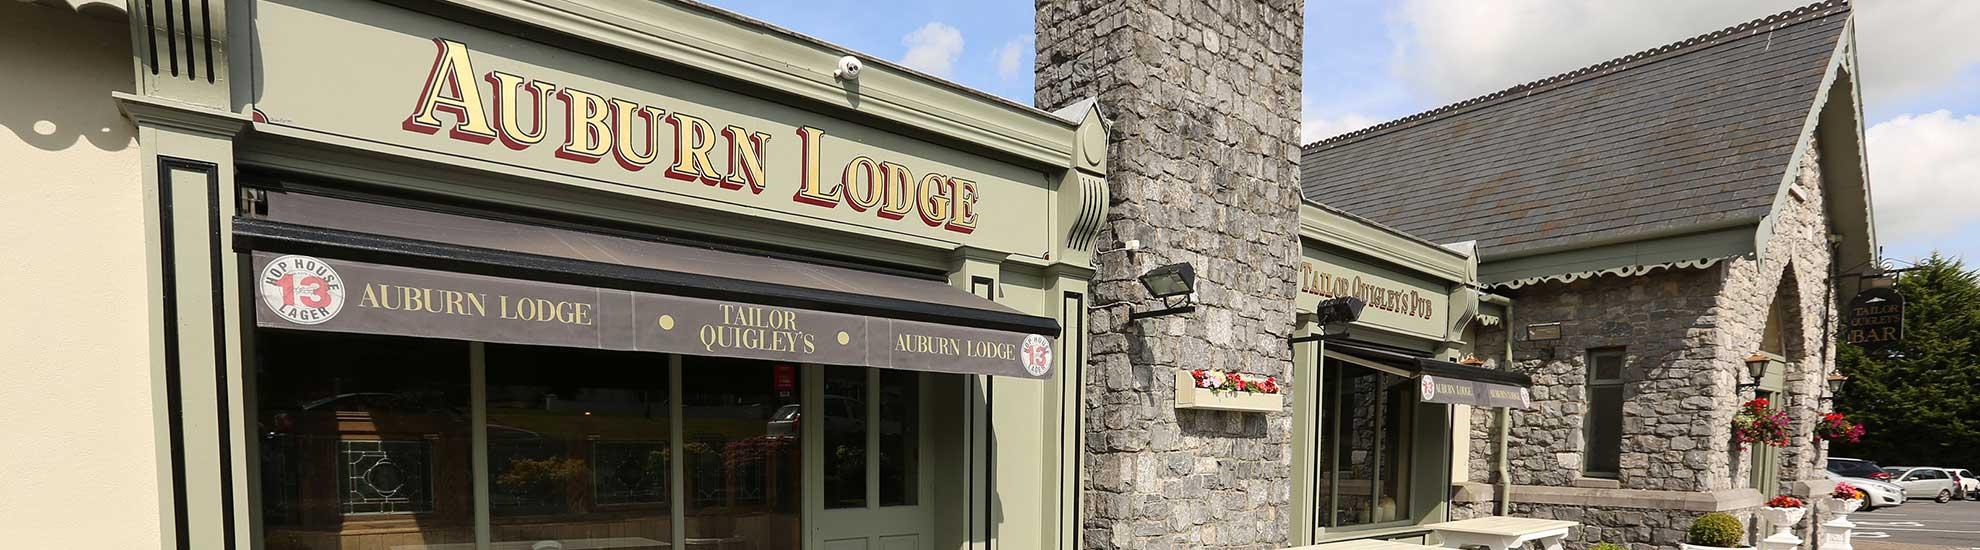 Auburn Lodge Hotel, Ennis